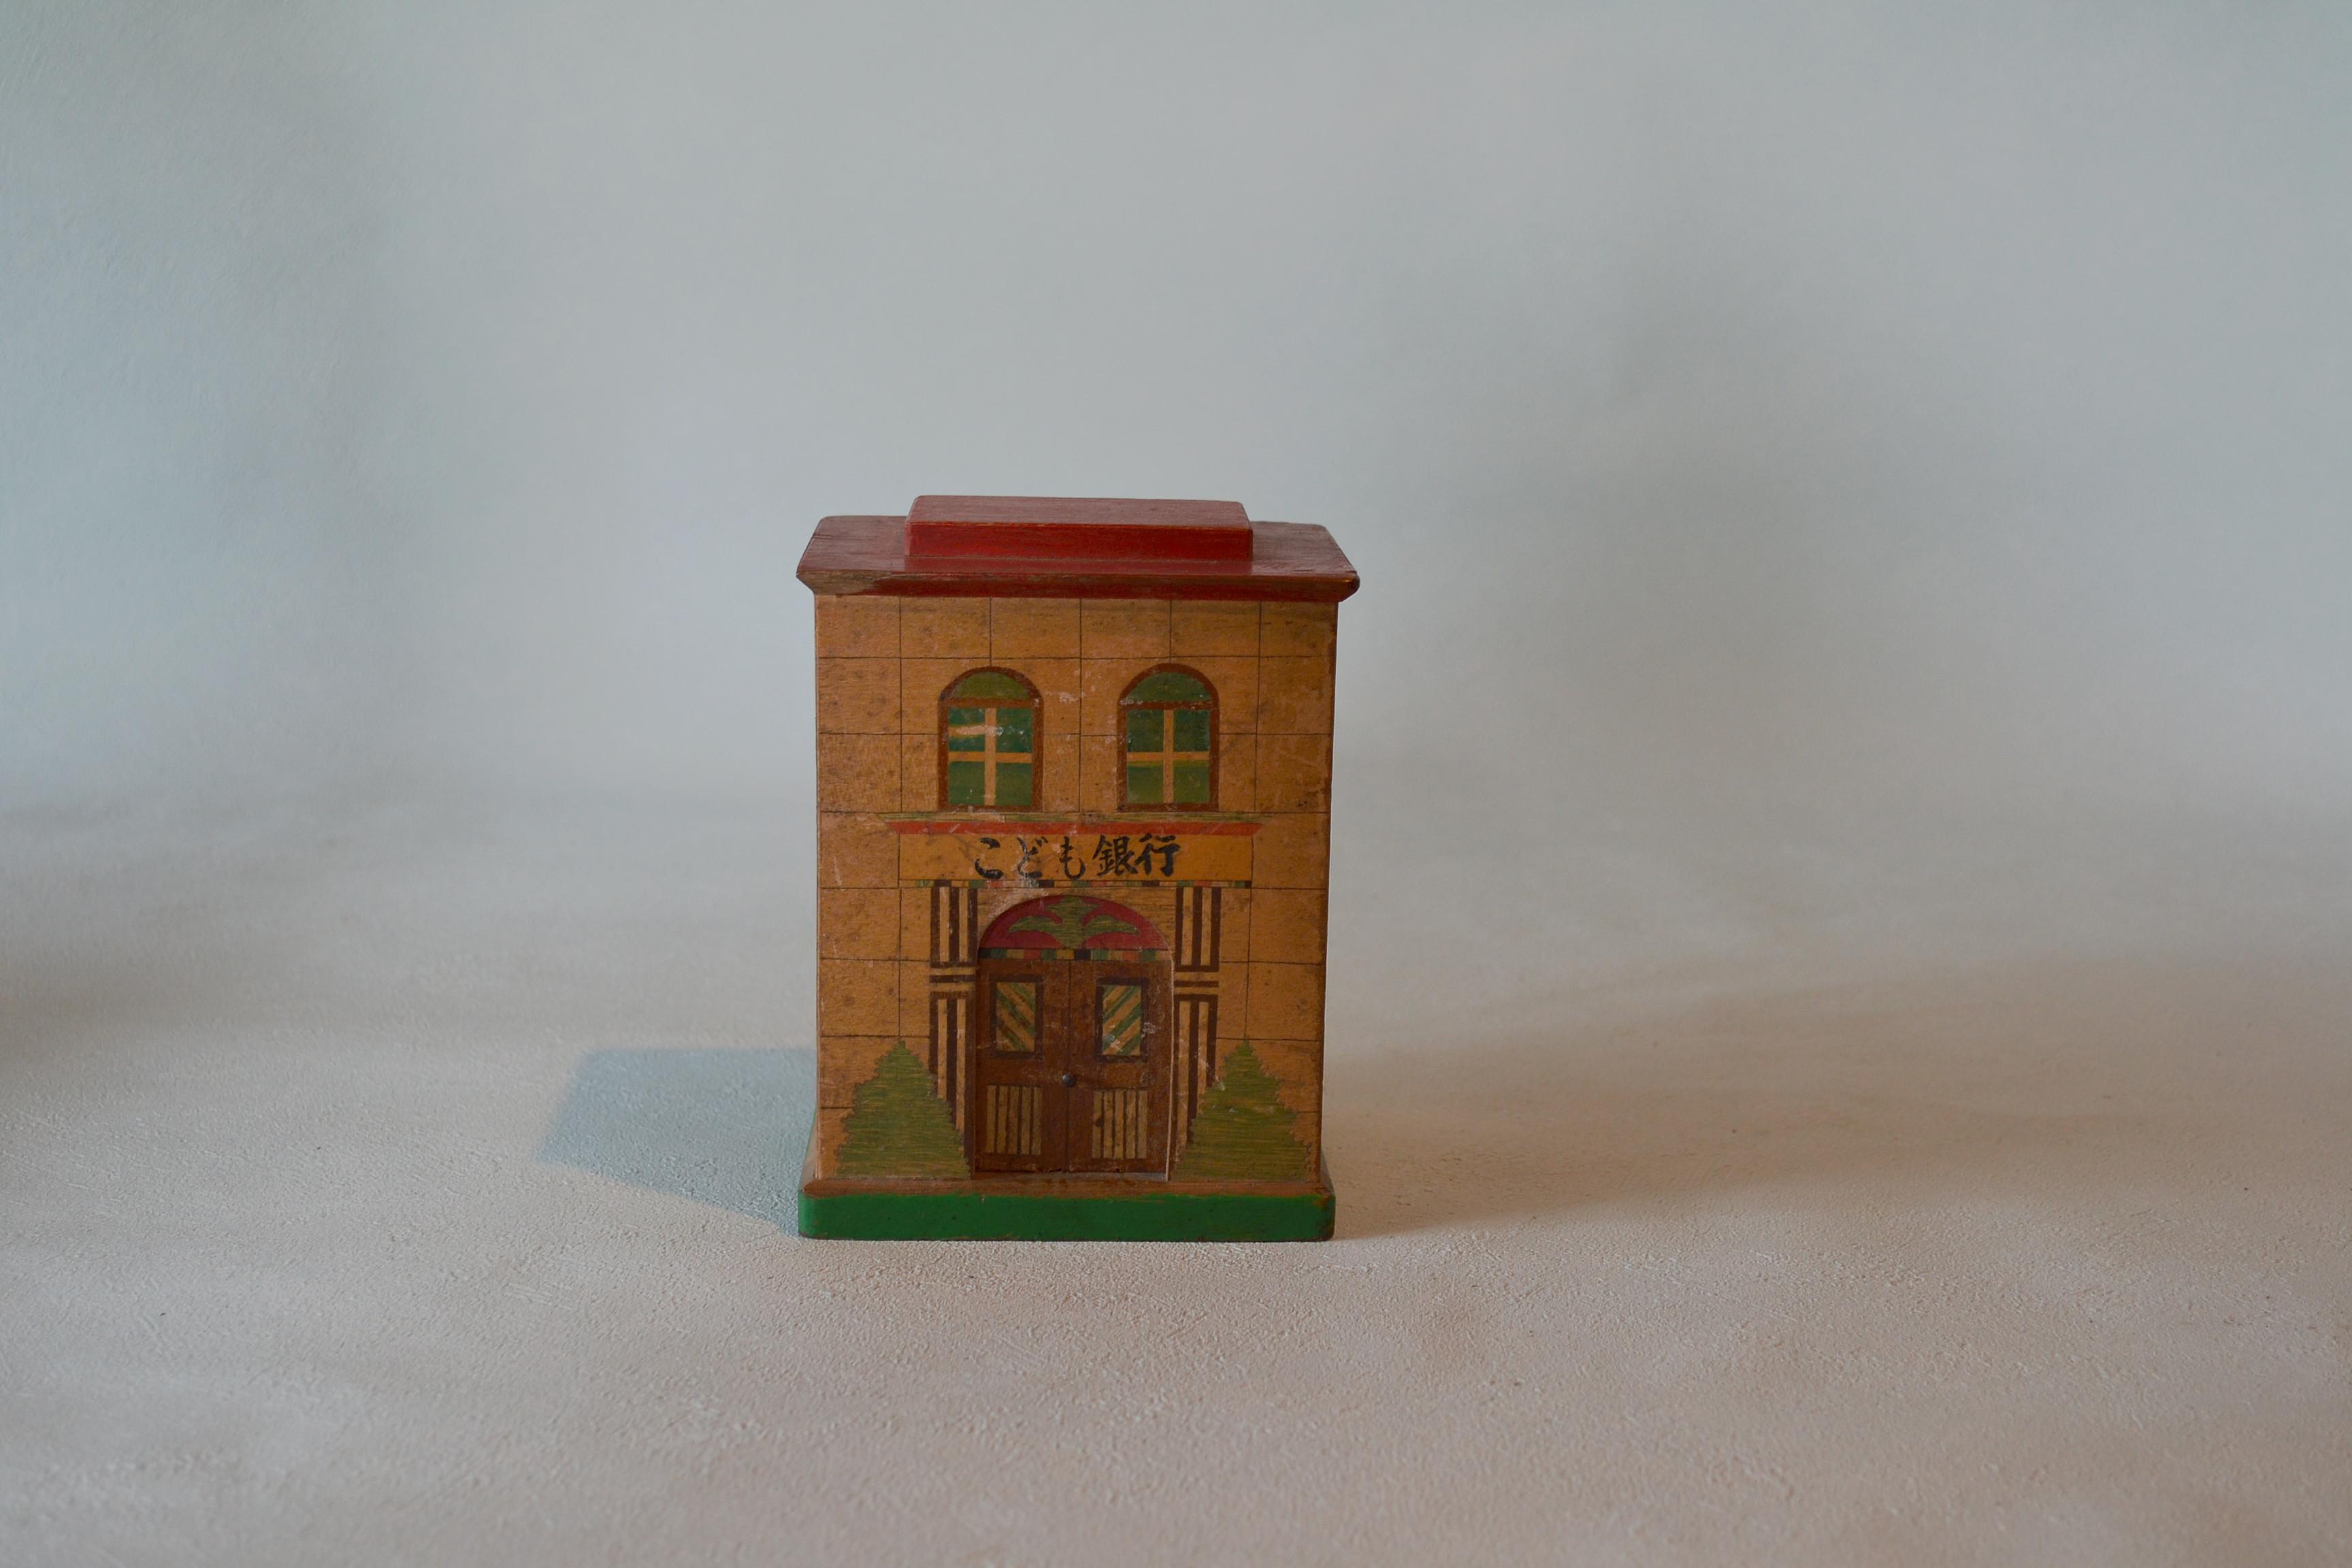 レトロ貯金箱